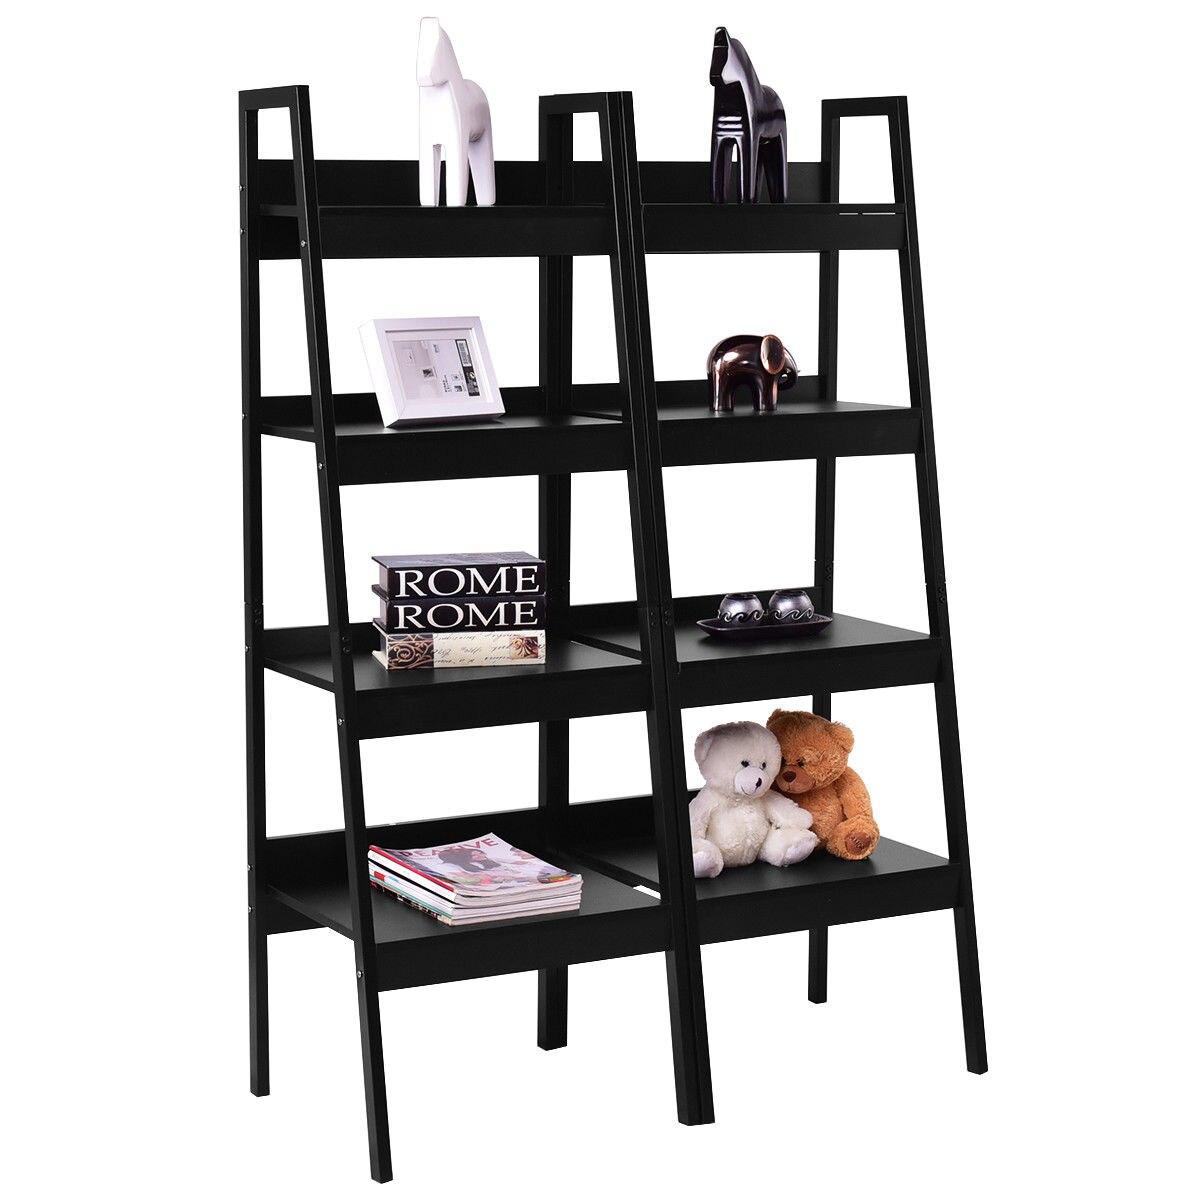 Giantex 2 Pcs 4 Tier Bookshelf Livnig Room Bundle Bookcase Ladder Stand Storage Shelves Home Furniture Modern Rack HW56007 цена